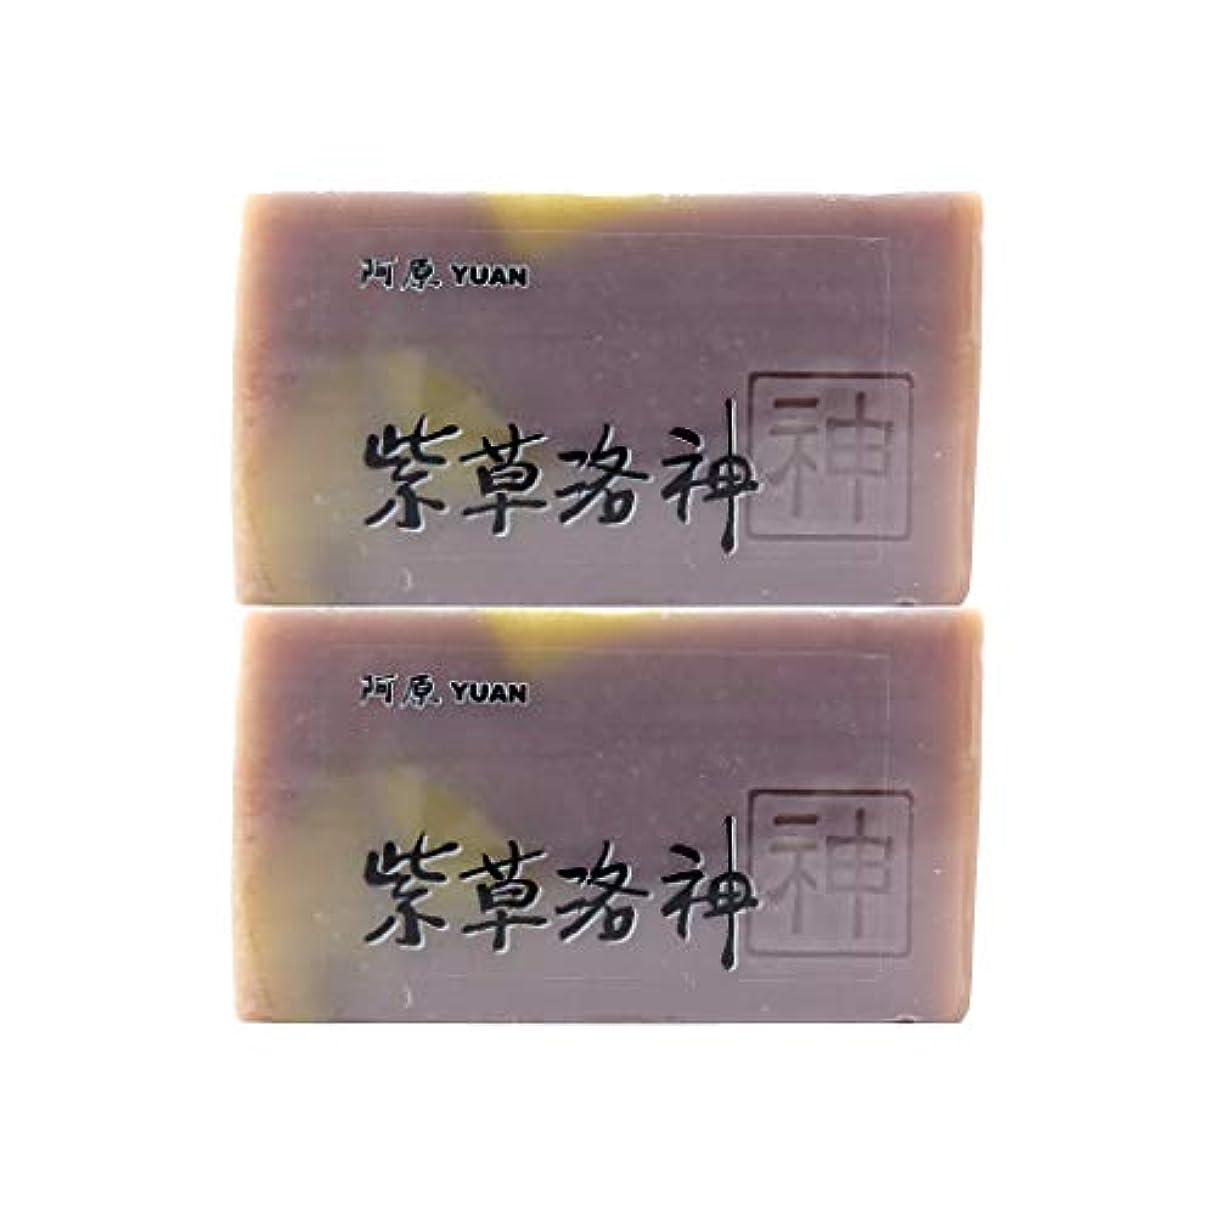 遷移血まみれのラバユアン(YUAN) ハイビスカスソープ 100g (2個セット)